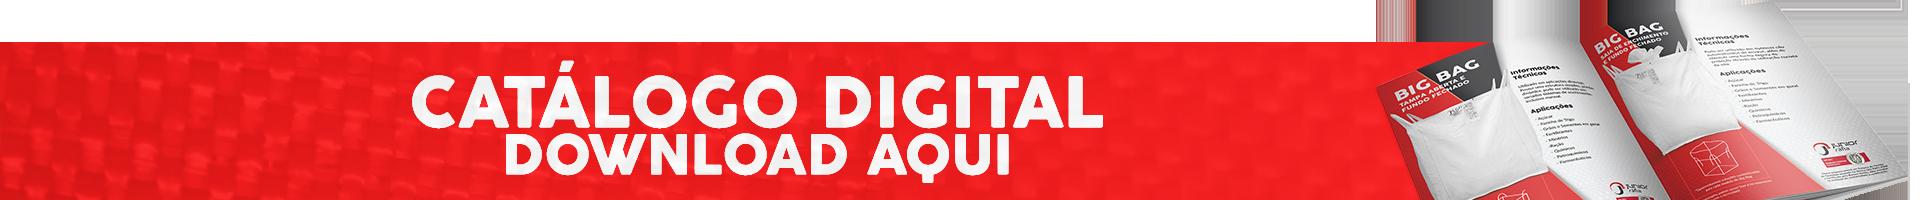 catalogo_digital_1920x200px